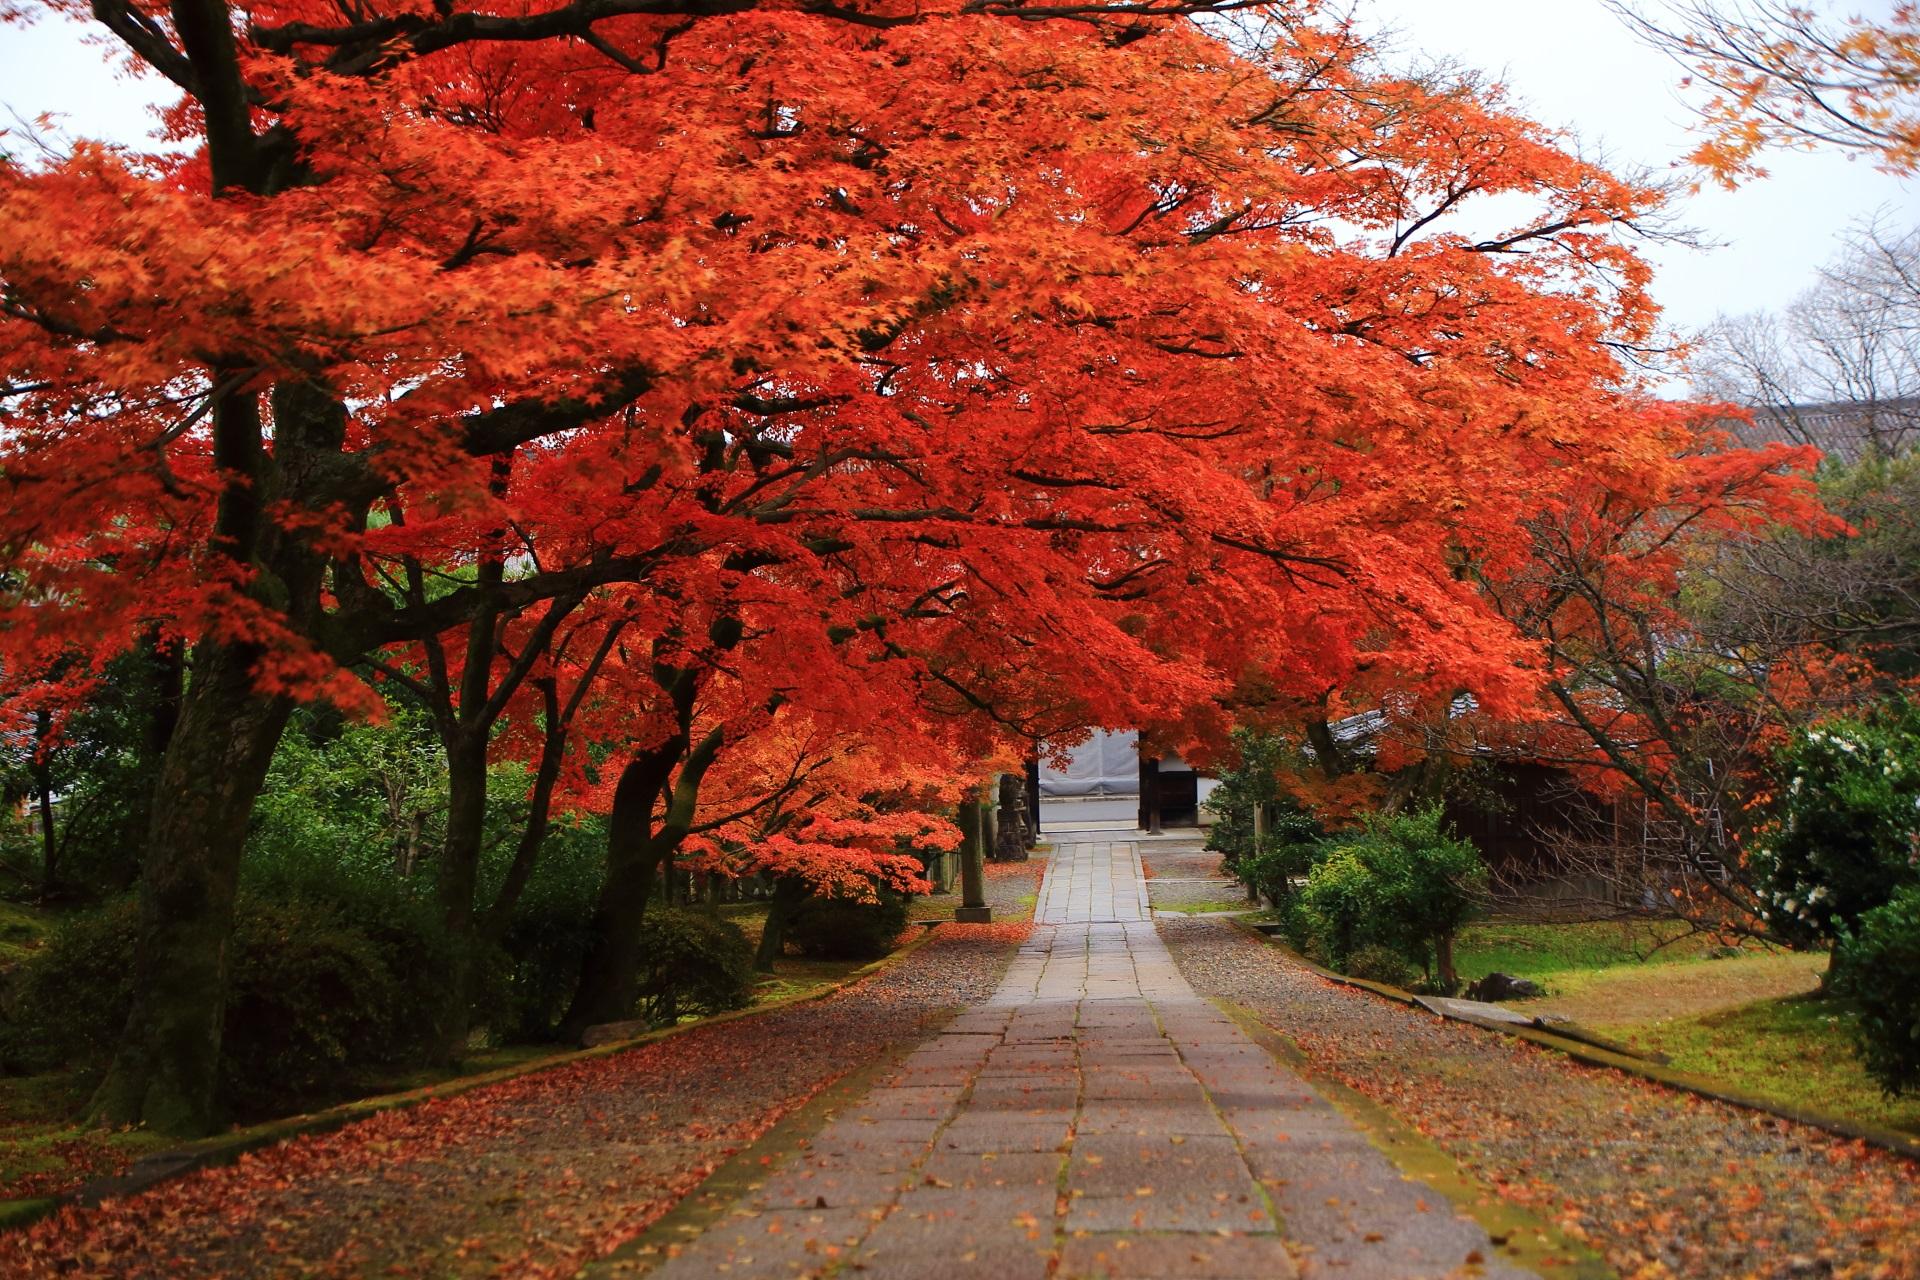 見事な色づきとボリュームの参道を彩る圧巻の紅葉